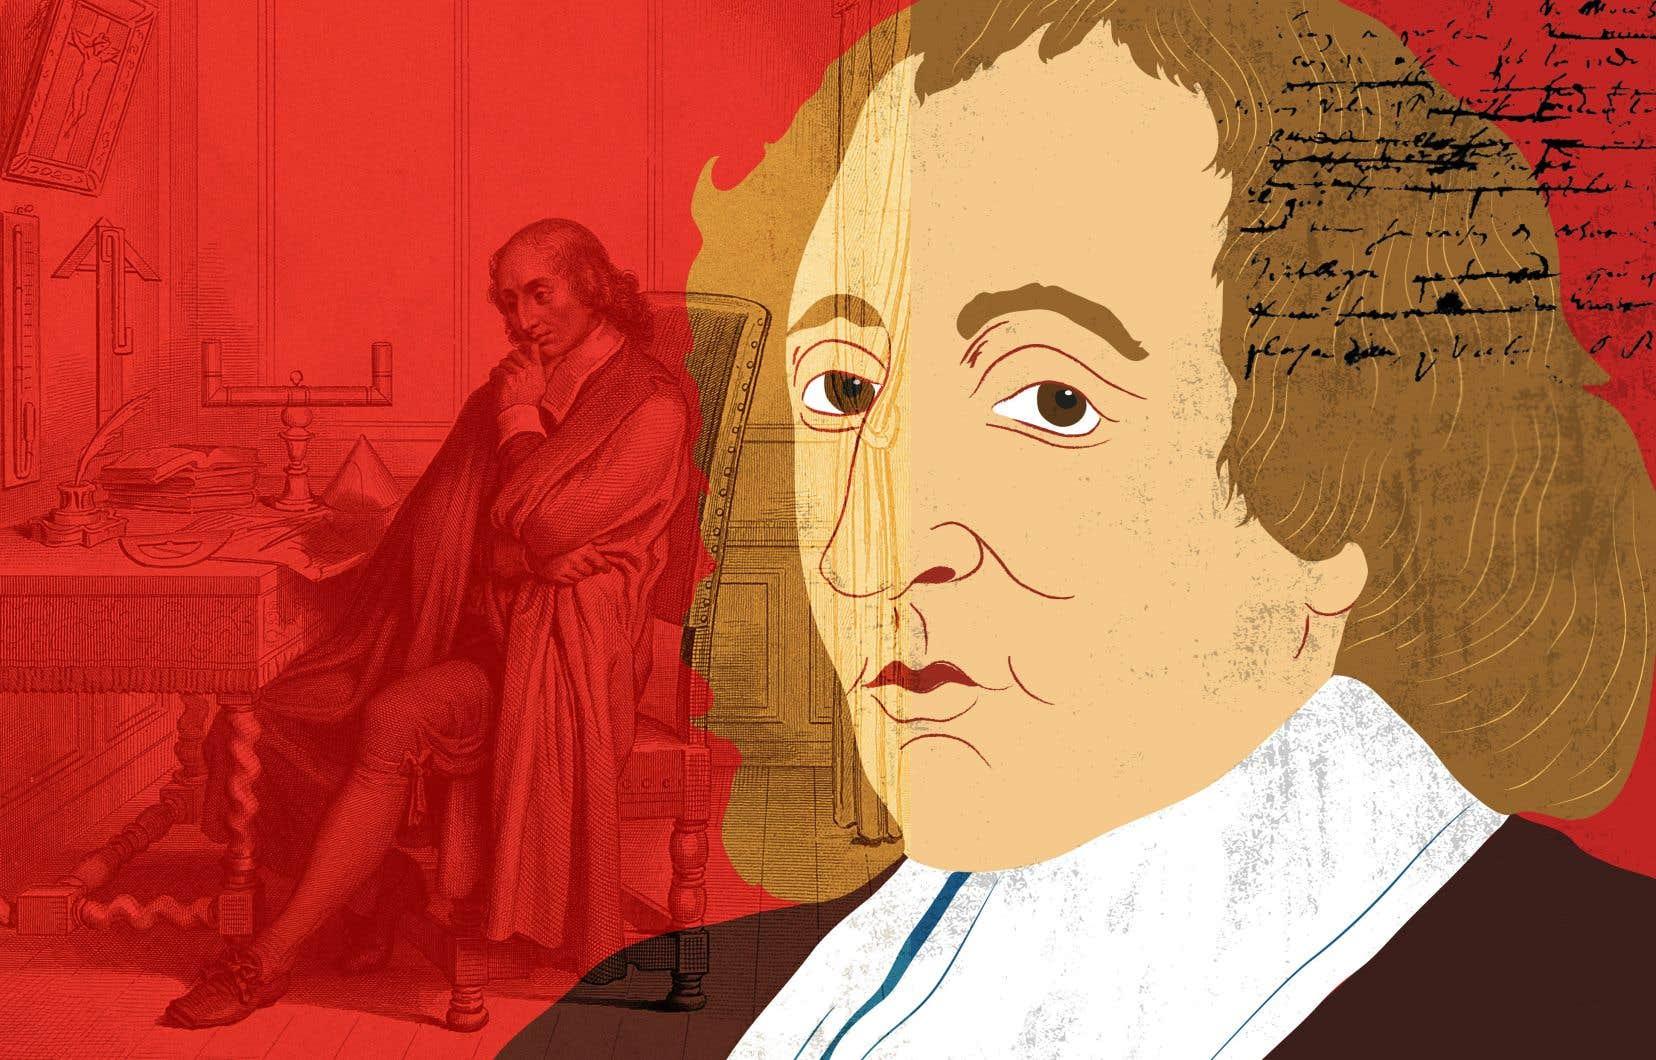 Pour Blaise Pascal, les êtres humains sont habités par un instinct qui les pousse à chercher le divertissement «du dehors». Bien qu'ils aspirent au repos, celui-ci leur devient toutefois rapidement insupportable dès qu'ils en sont imprégnés. Rongés par l'ennui, ils s'agitent, se mettent à courir après de vains objectifs pour ne pas s'adonner à une réflexion sur leur condition humaine.